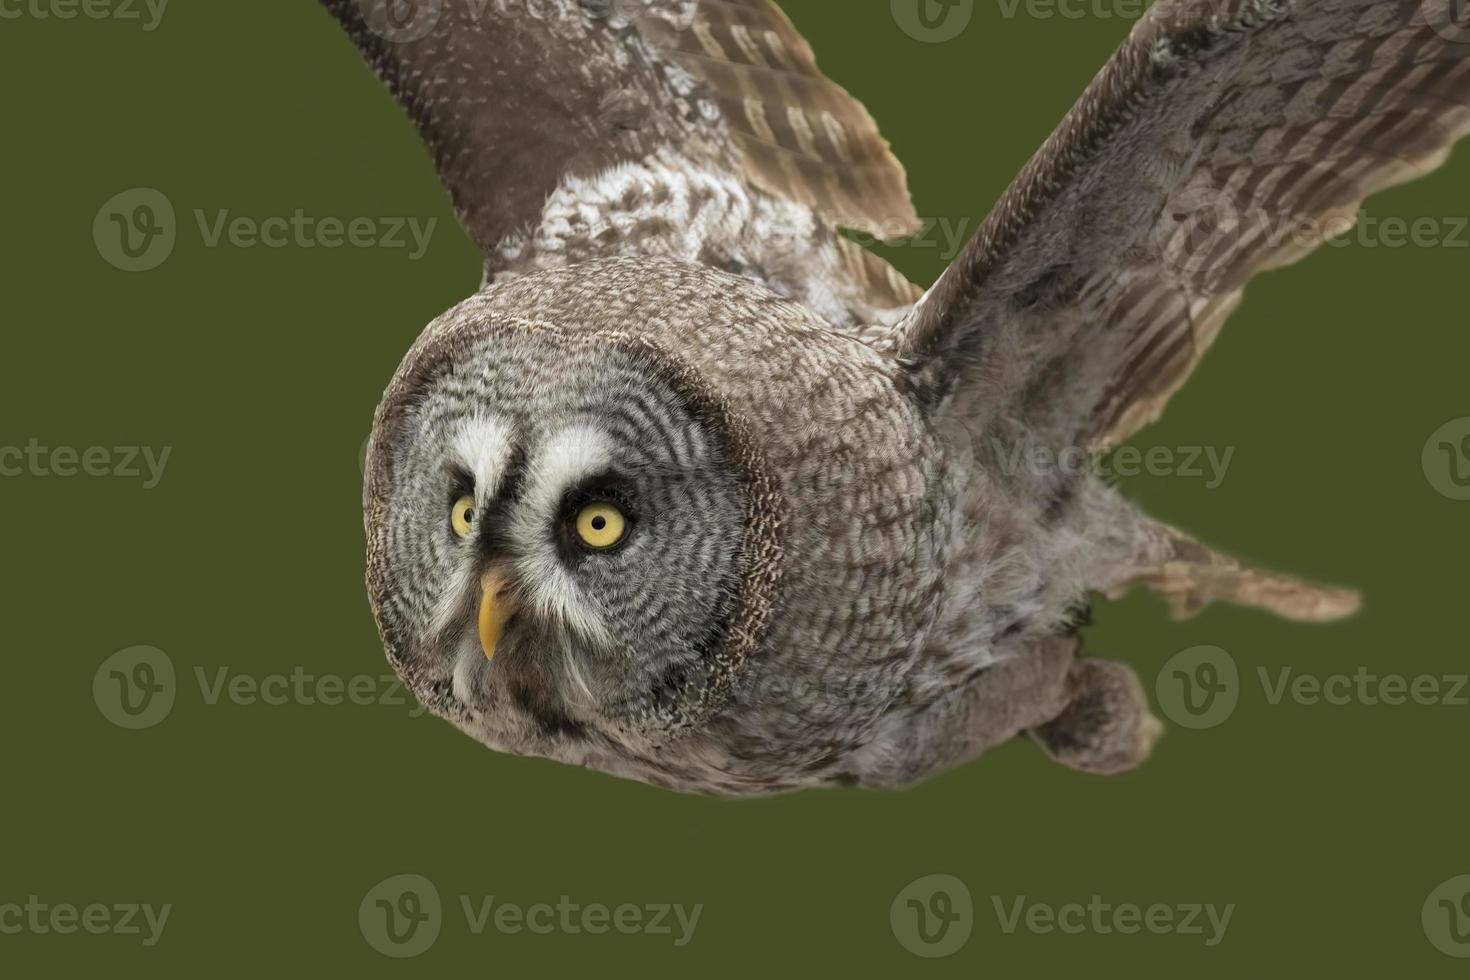 Great grey owl (Strix nebulosa) photo